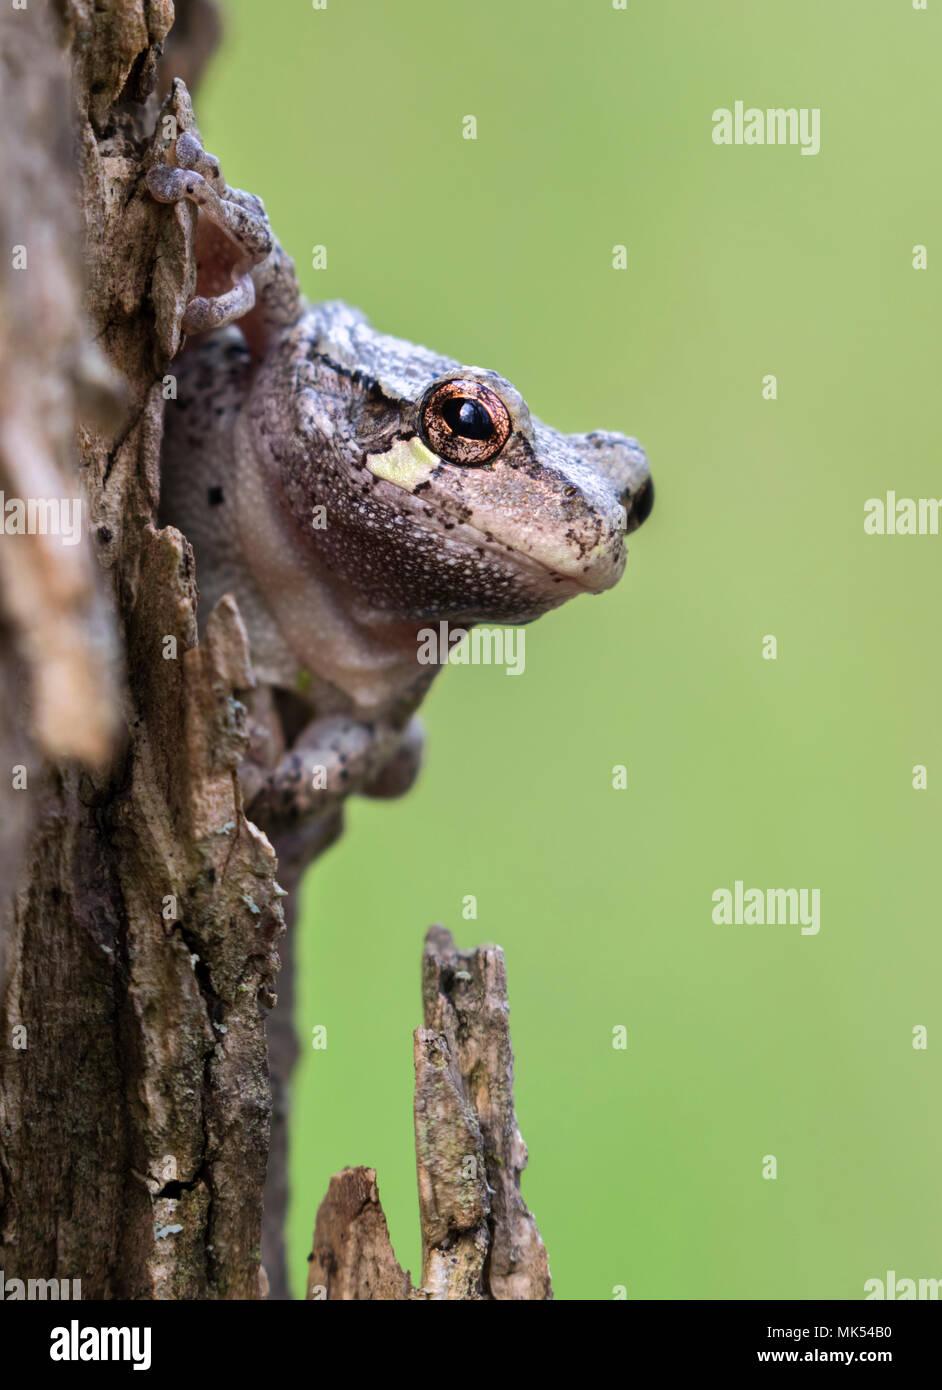 La rainette versicolore (Hyla versicolor) à partir d'un arbre, Iowa, États-Unis. Photo Stock